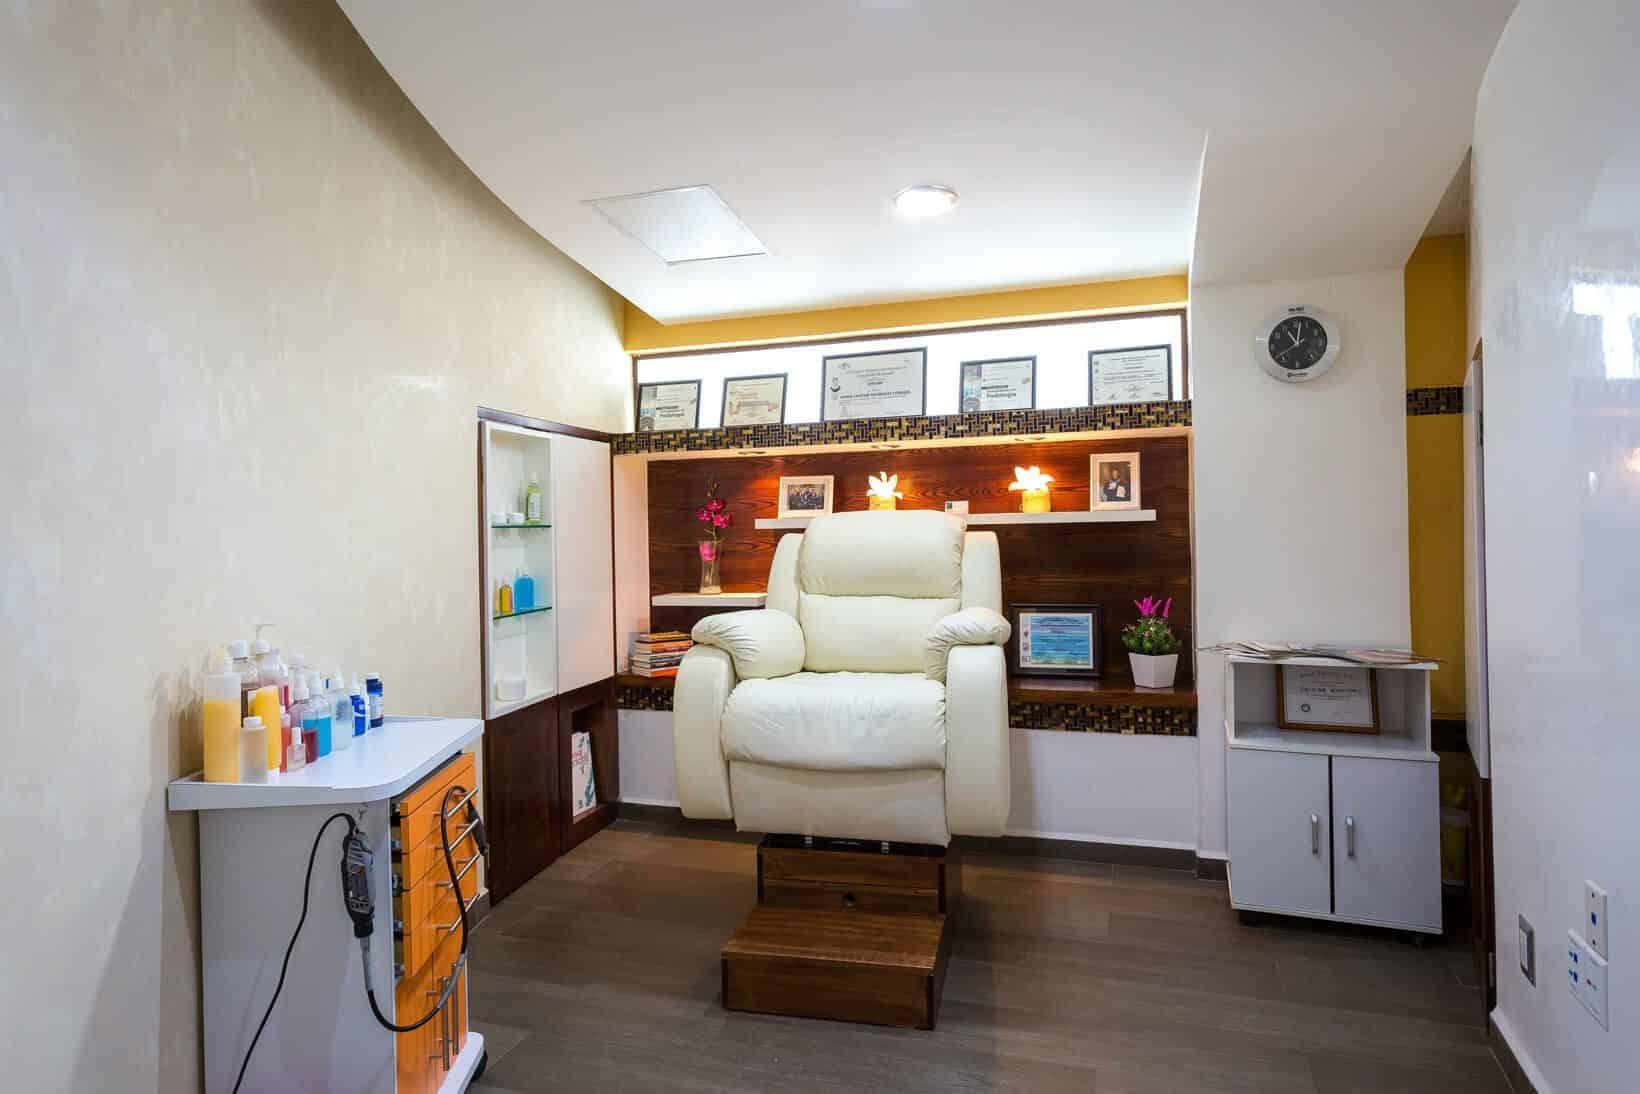 El cuidad de tus pies en Foot Clinic por Paty Villanueva